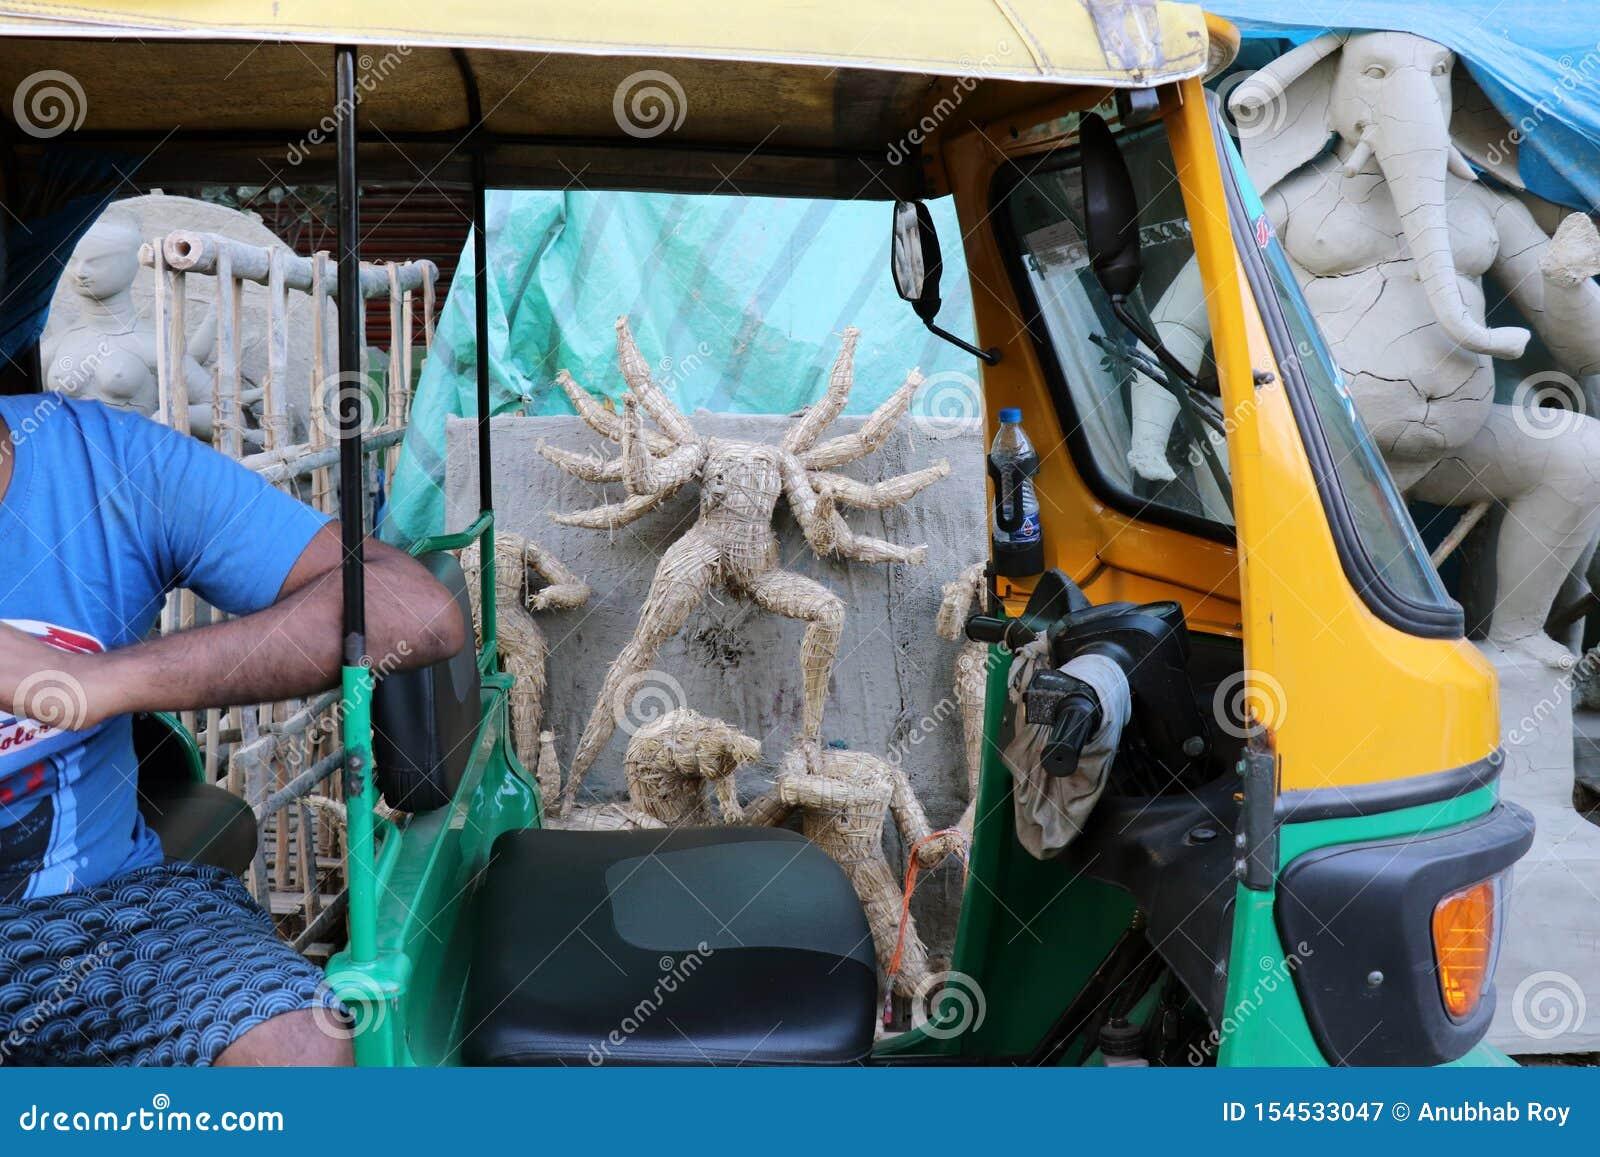 ?dolo de la arcilla de la diosa hind? Devi Durga ?dolo de la diosa hind? Durga durante preparaciones en Kolkata